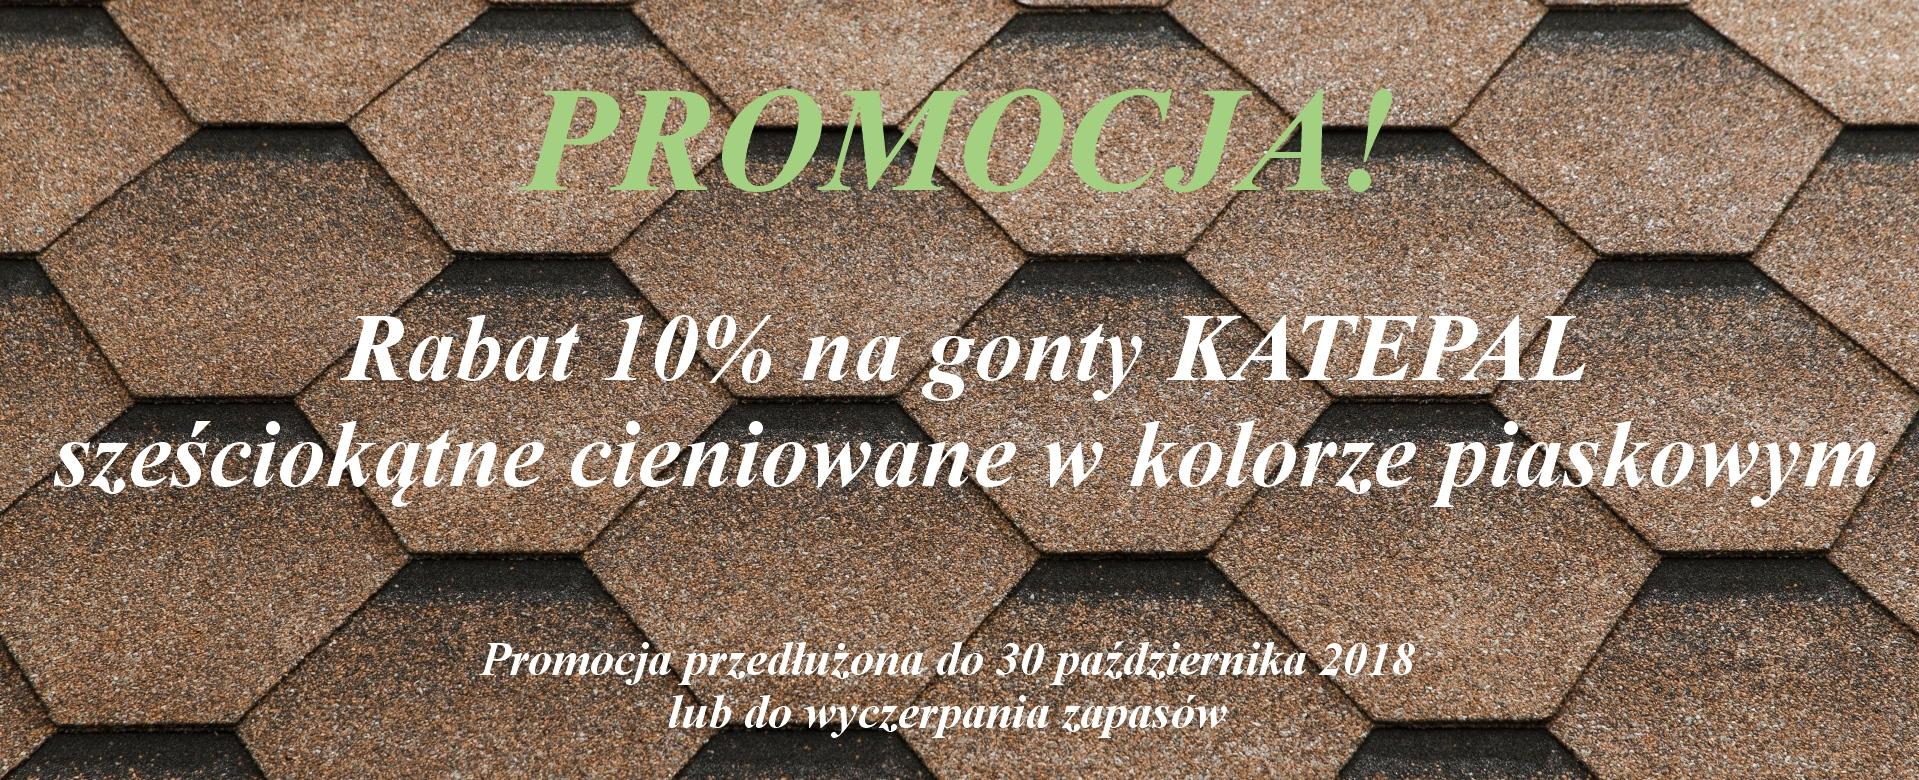 181002-Promocja-dalej